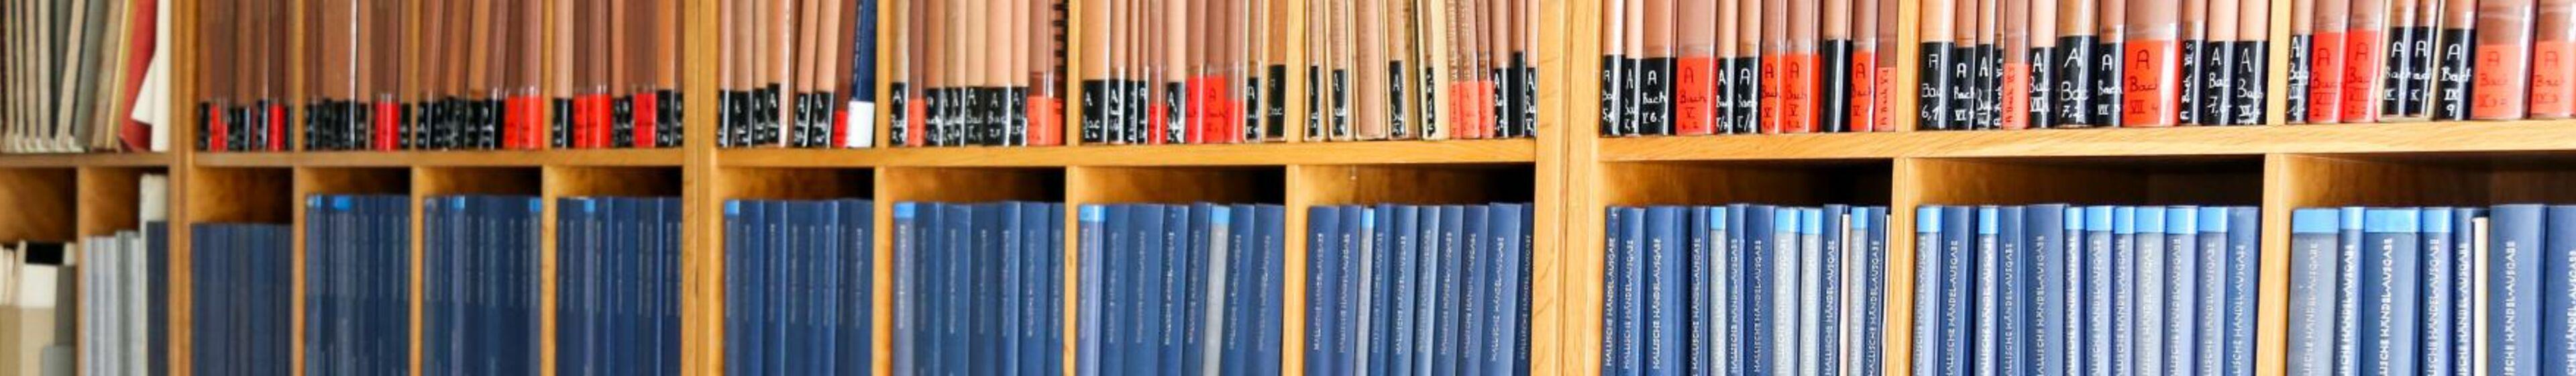 Kopfbild-Bibliothek-2